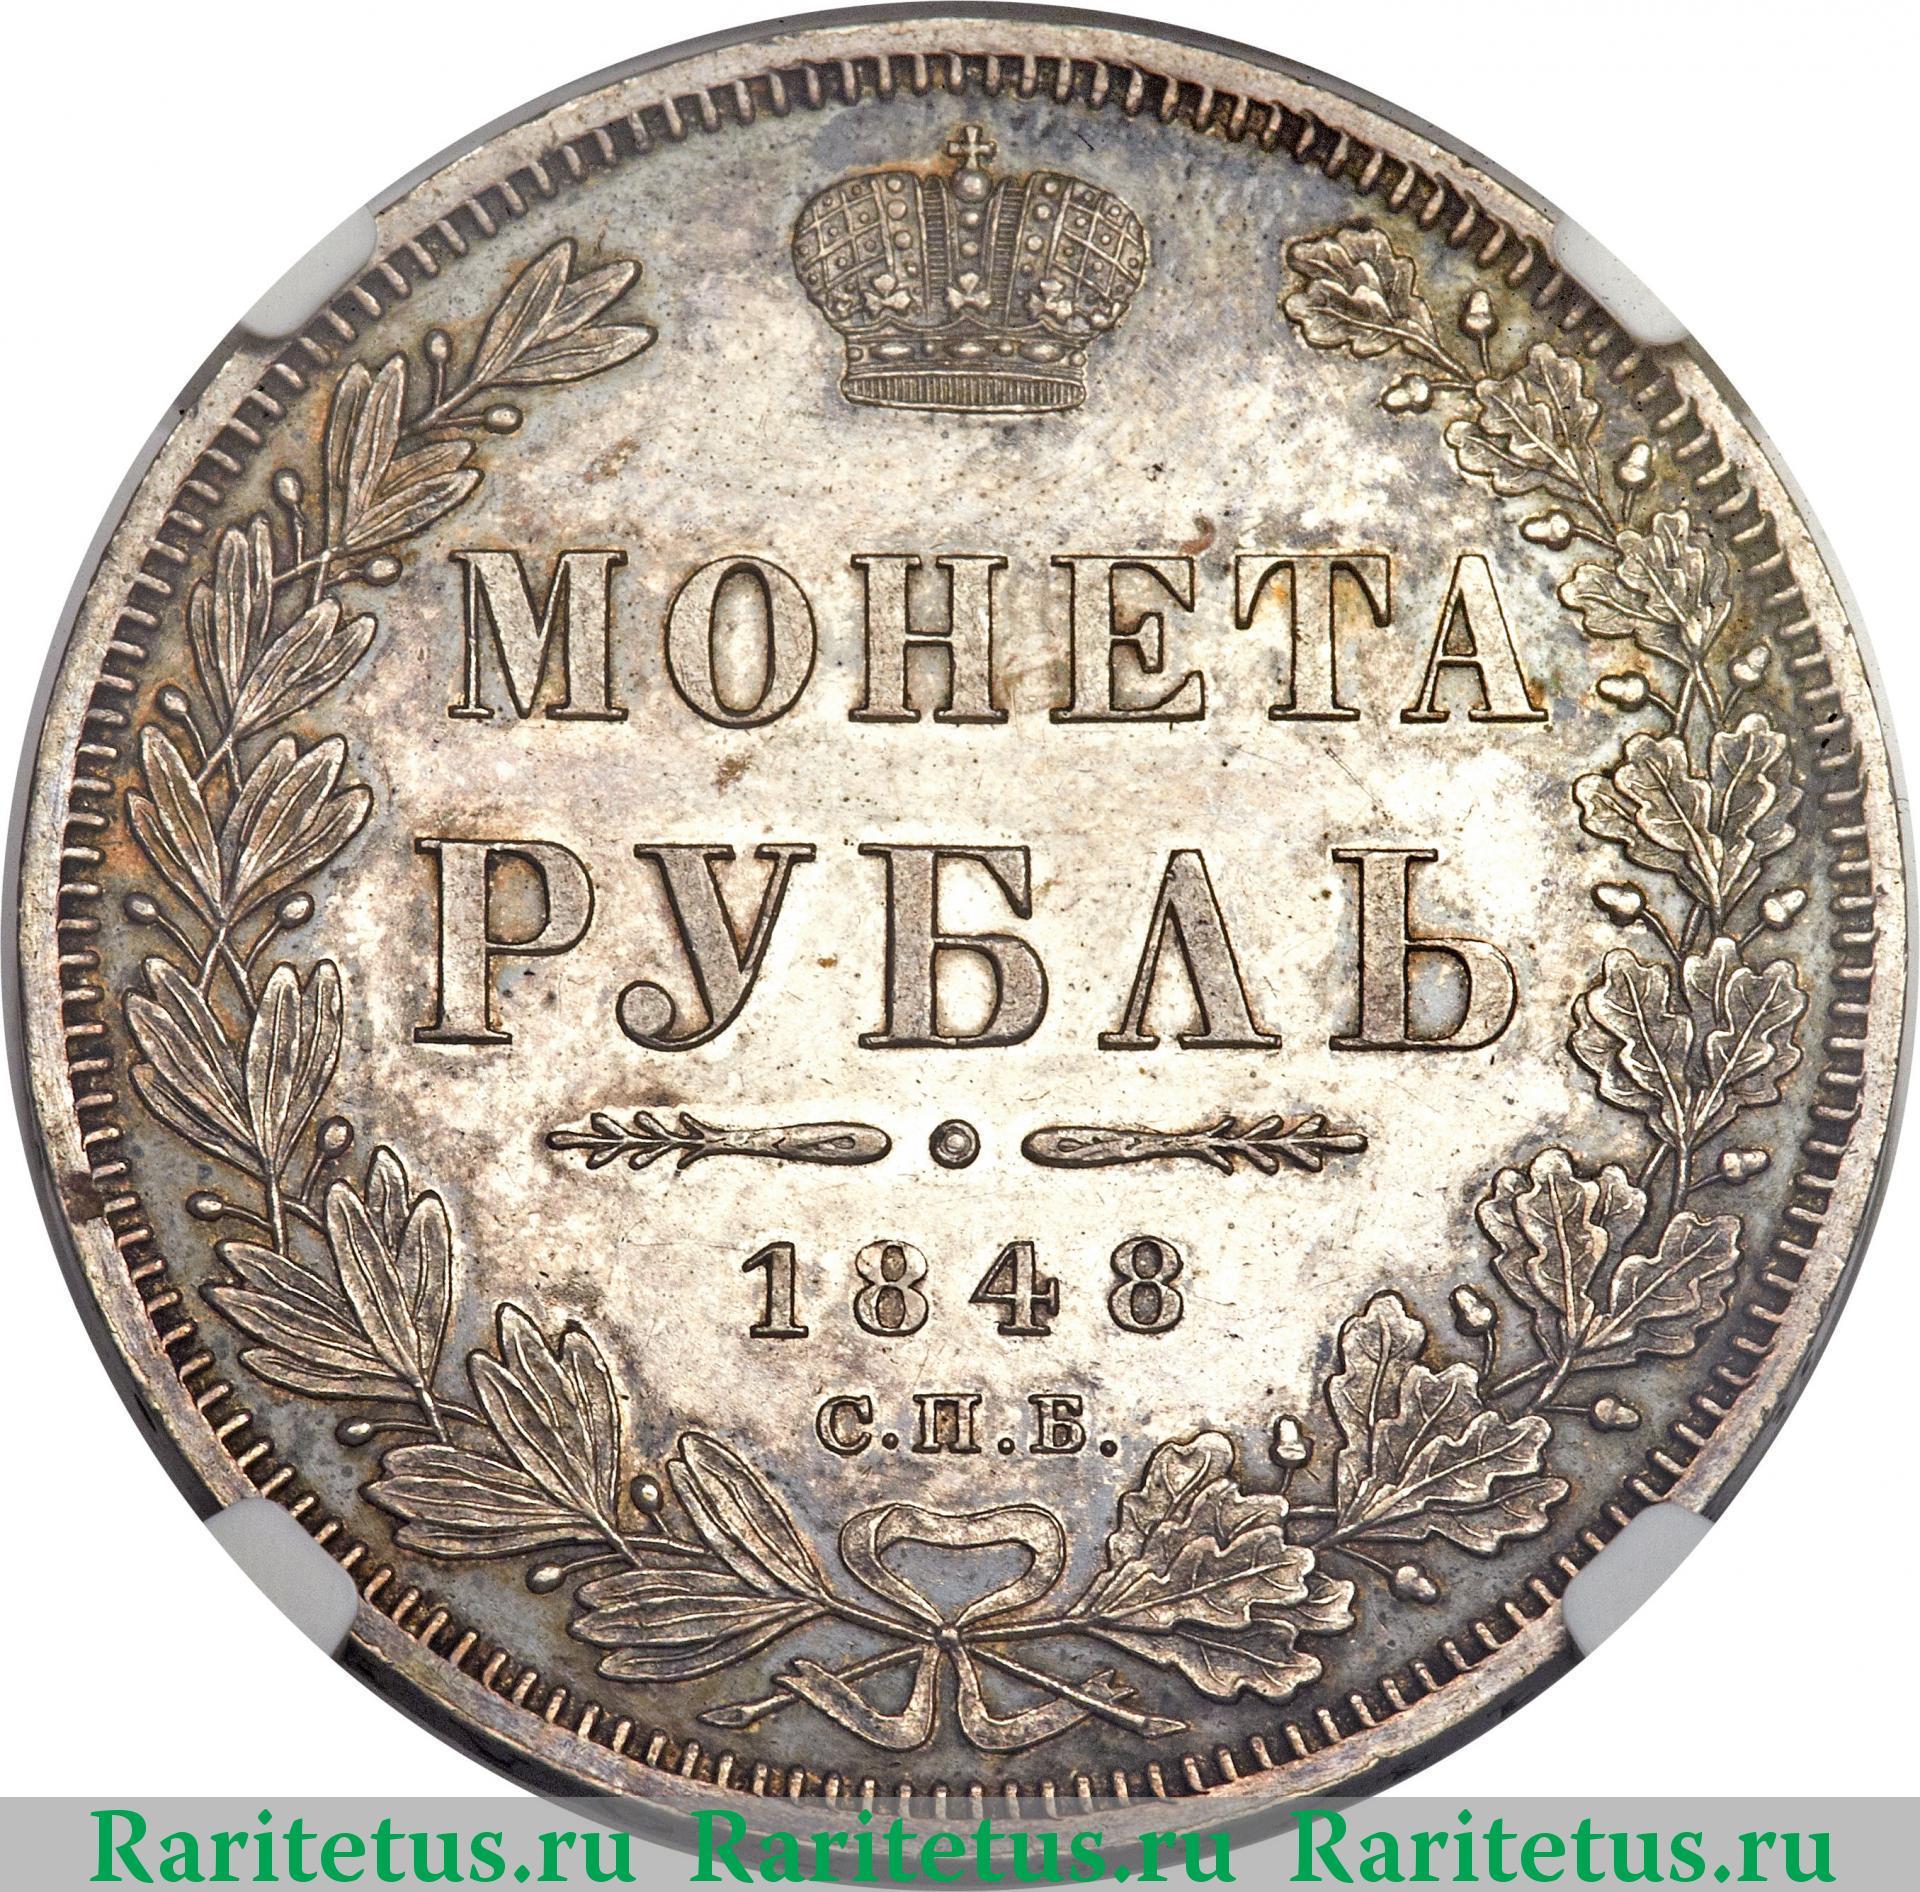 Монета рубль 1848 спб семястами монетами